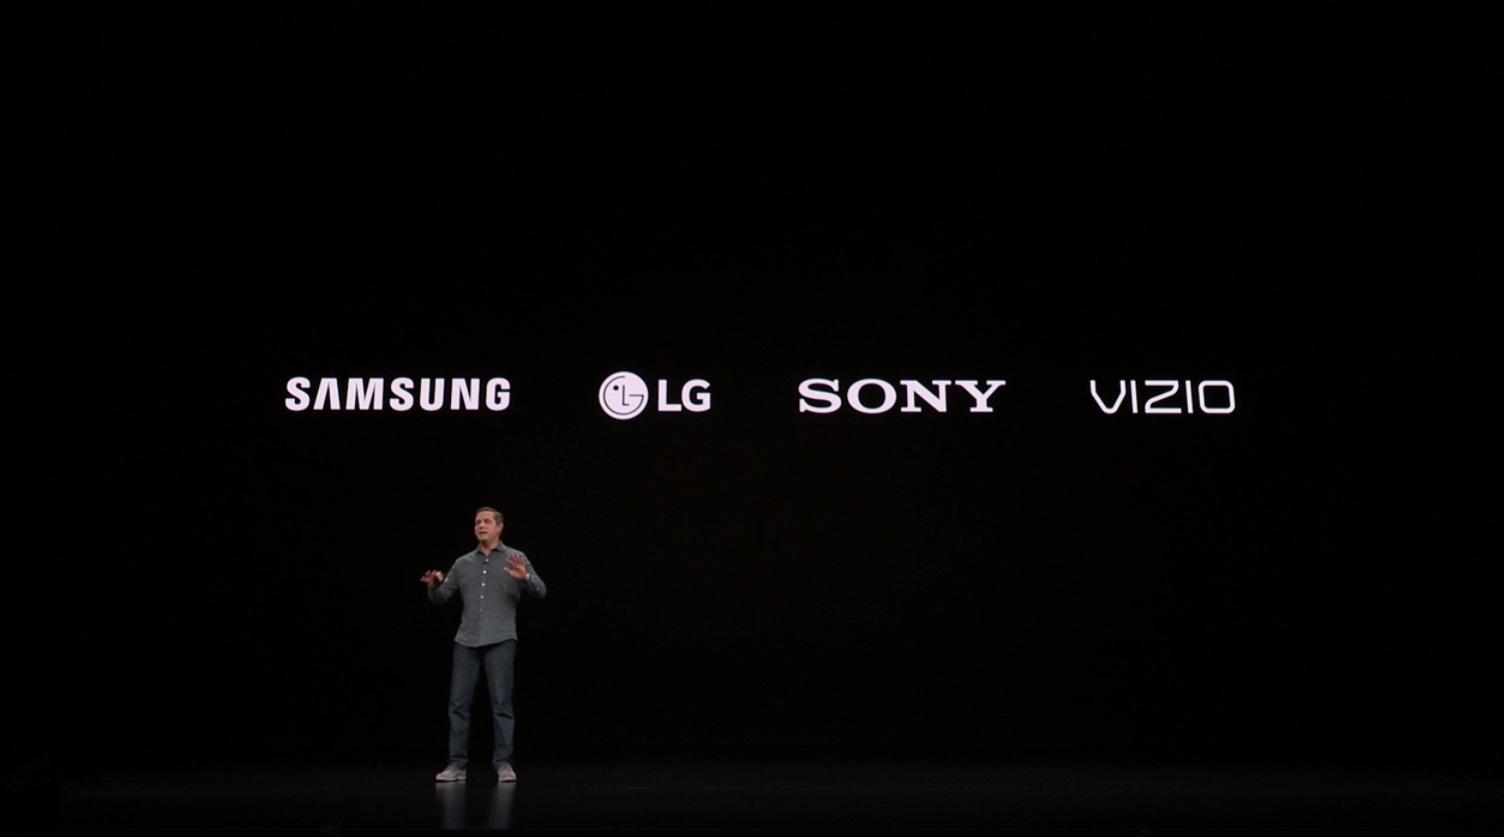 Apple TV Channels y Apple TV+: integración de servicios y contenidos exclusivos 41